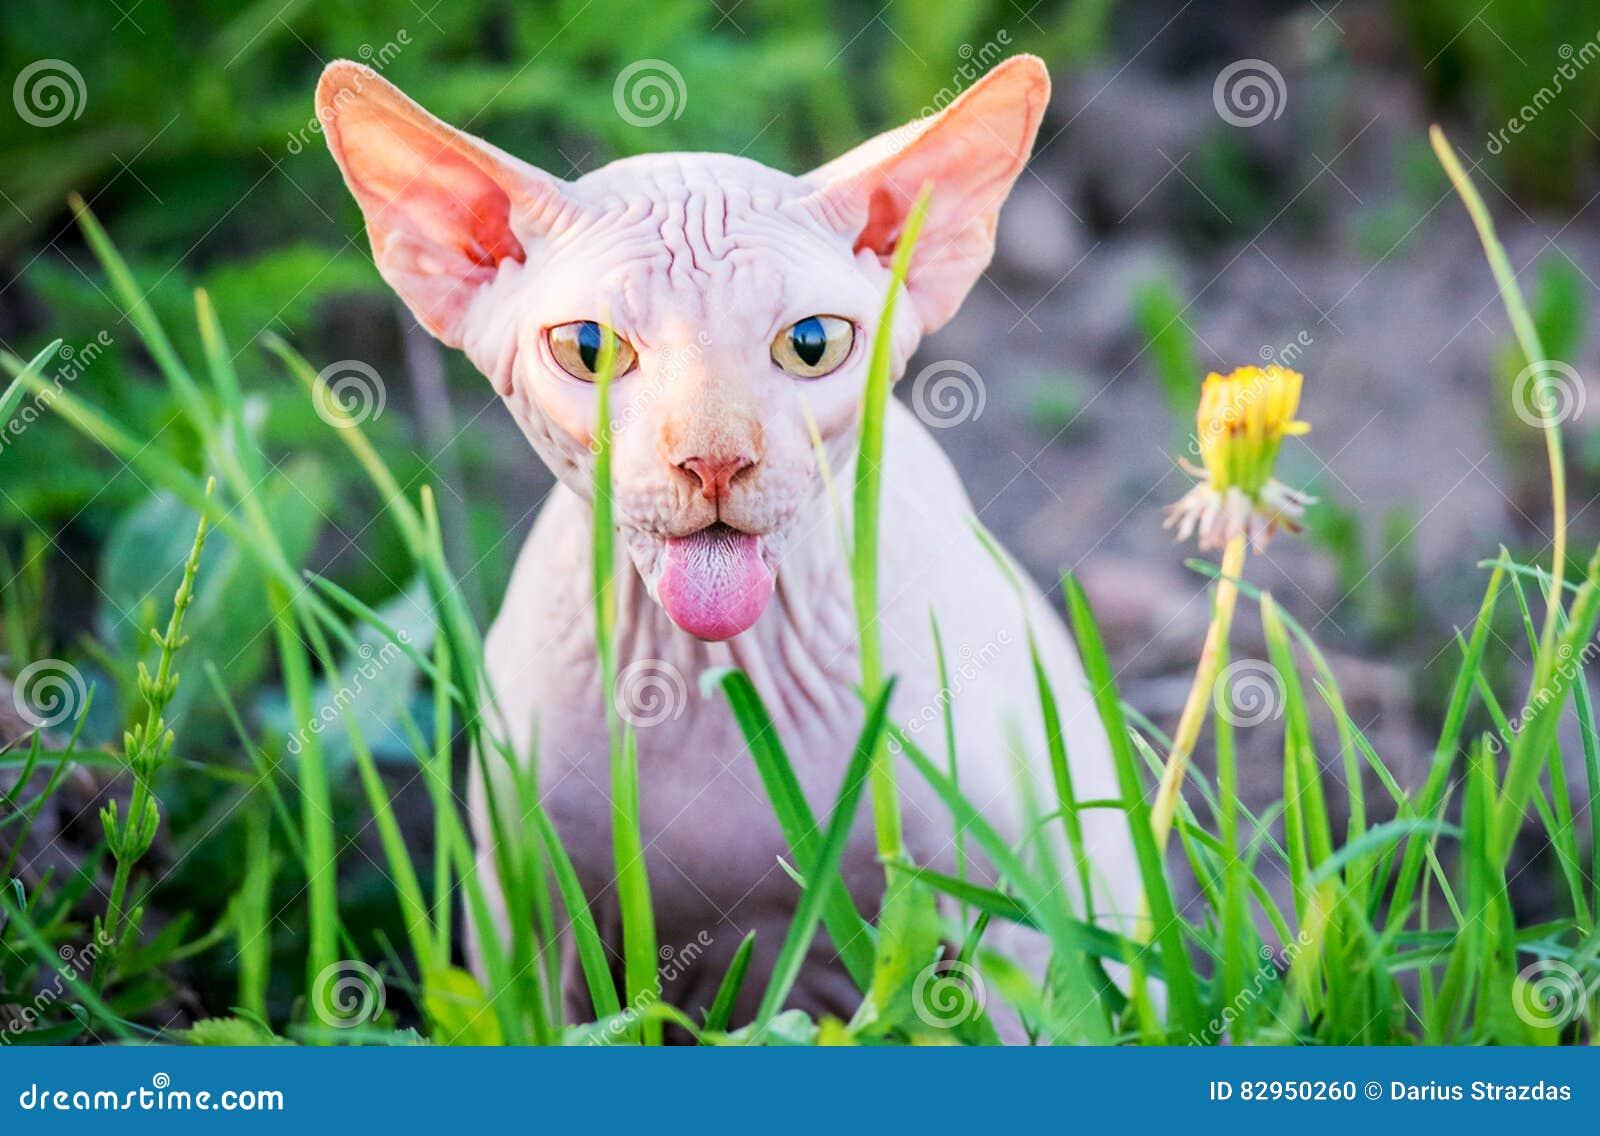 Zdziwiony Kot Pokazuje Jęzor Zdjęcie Stock Obraz Złożonej Z Sfinks